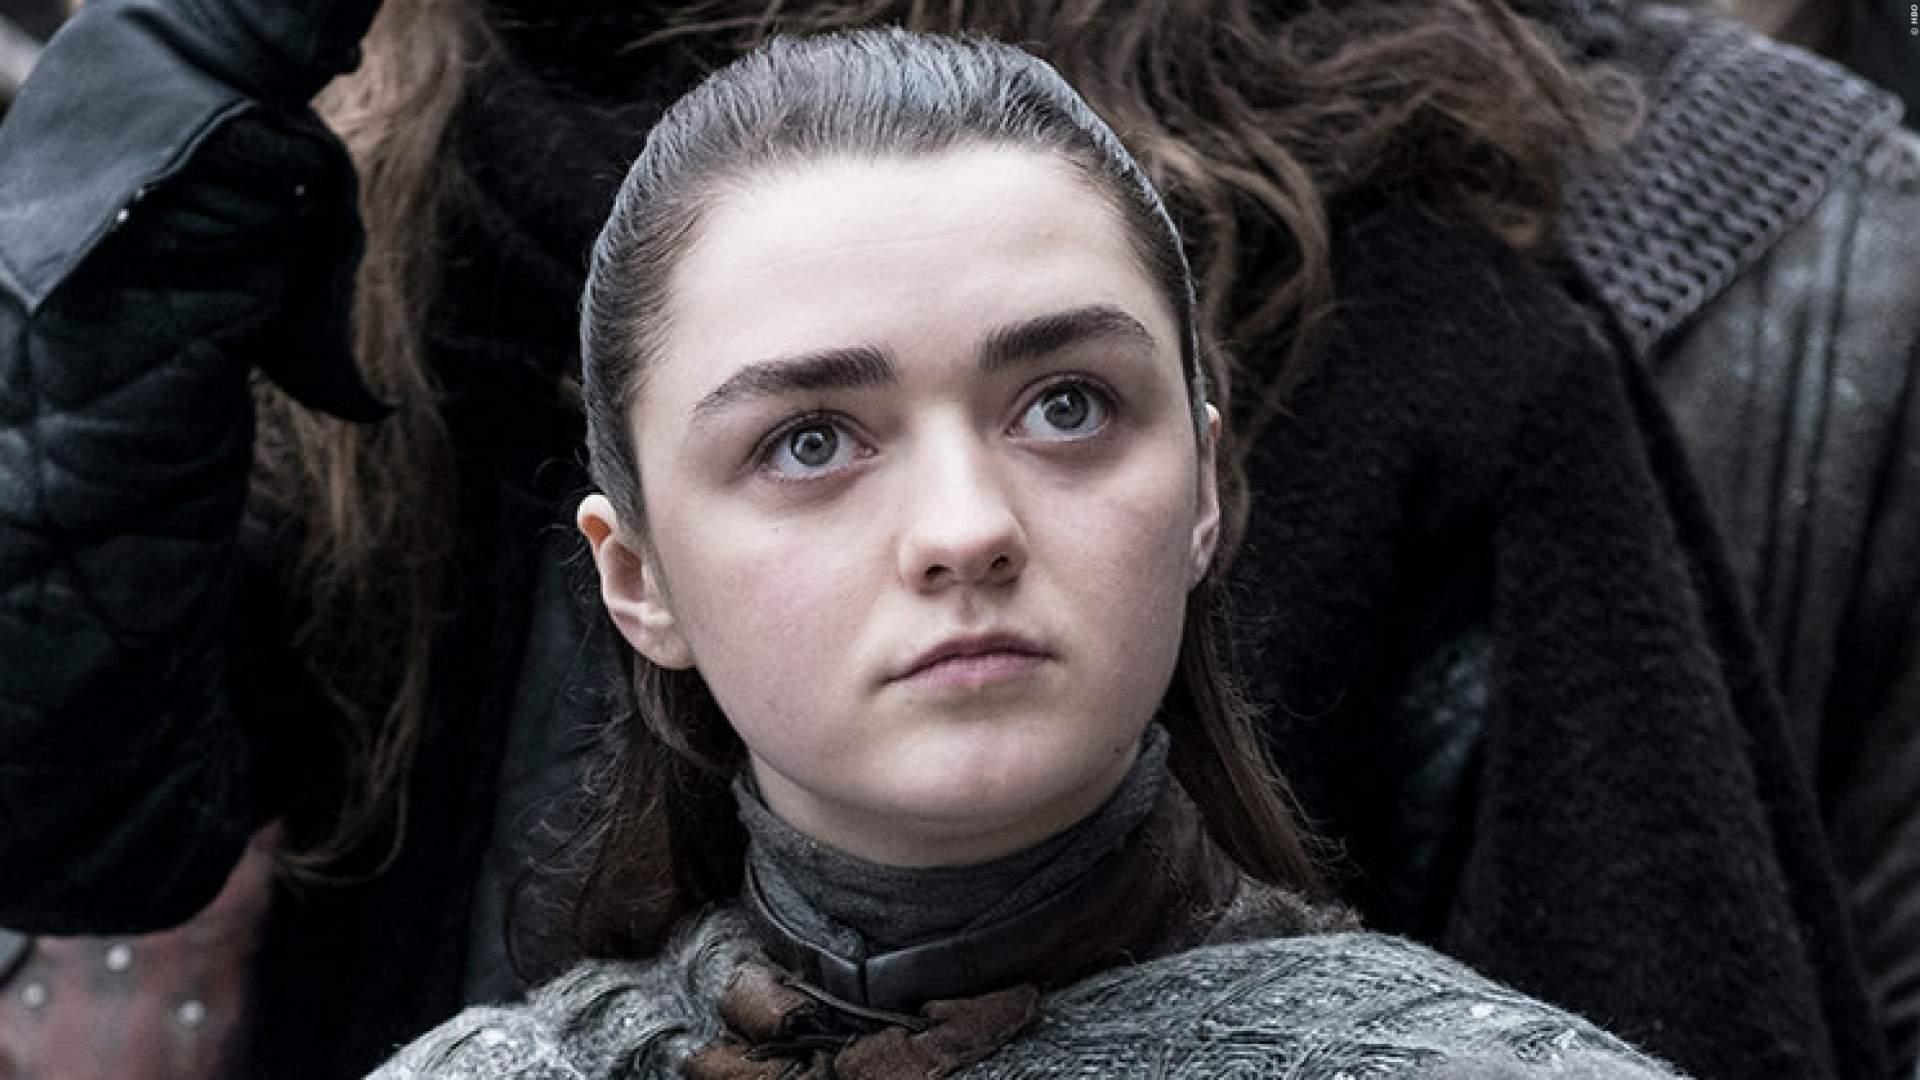 FORTSETZUNG: Ist 'Game Of Thrones' wirklich am Ende?